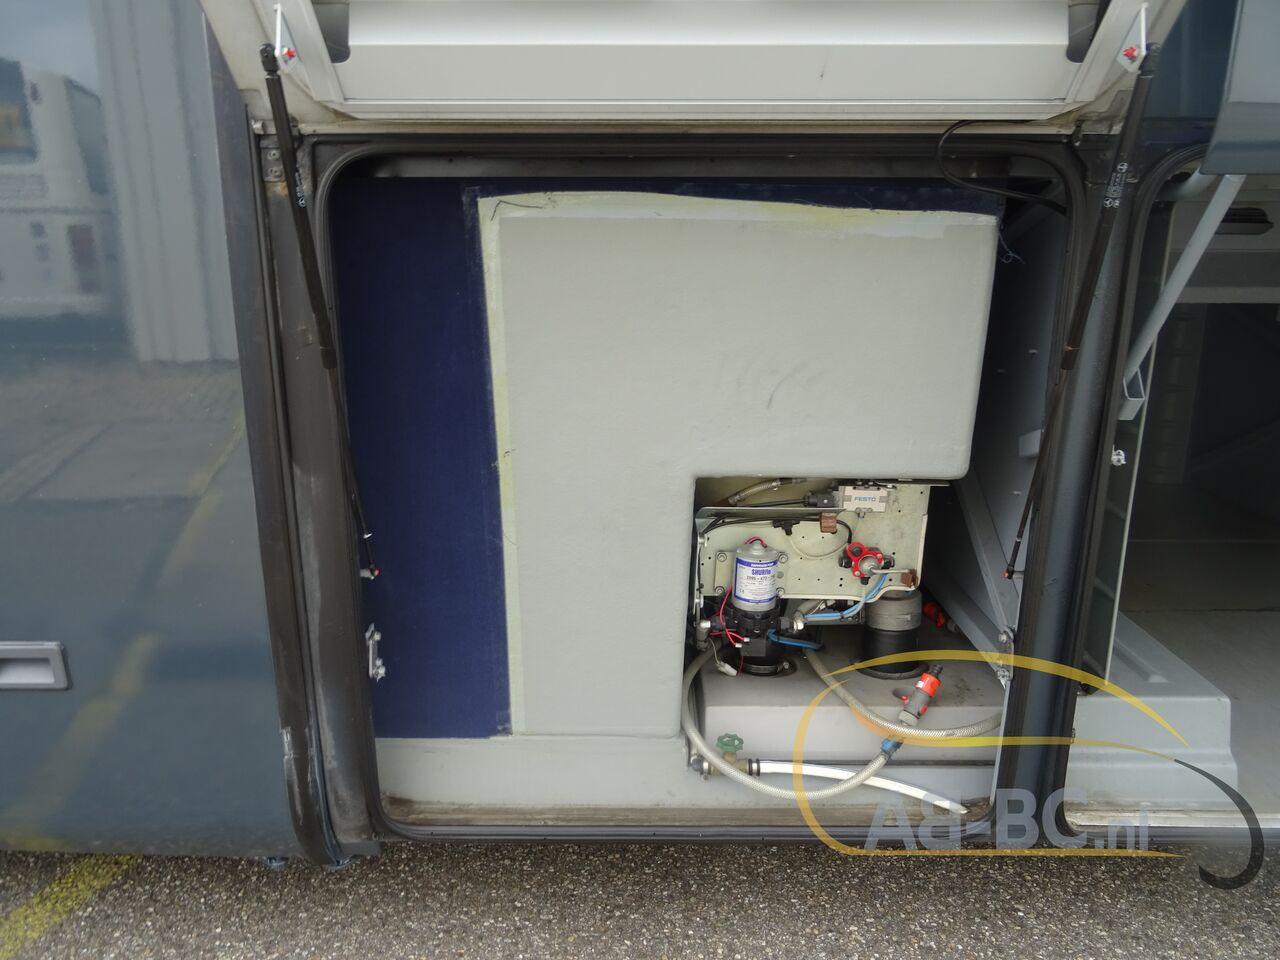 coach-busSETRA-S415-GT-HD-FINAL-EDITION---1627456880930375064_big_487122c3c6cdd25137ed33773b8dd013--21050713010665719300